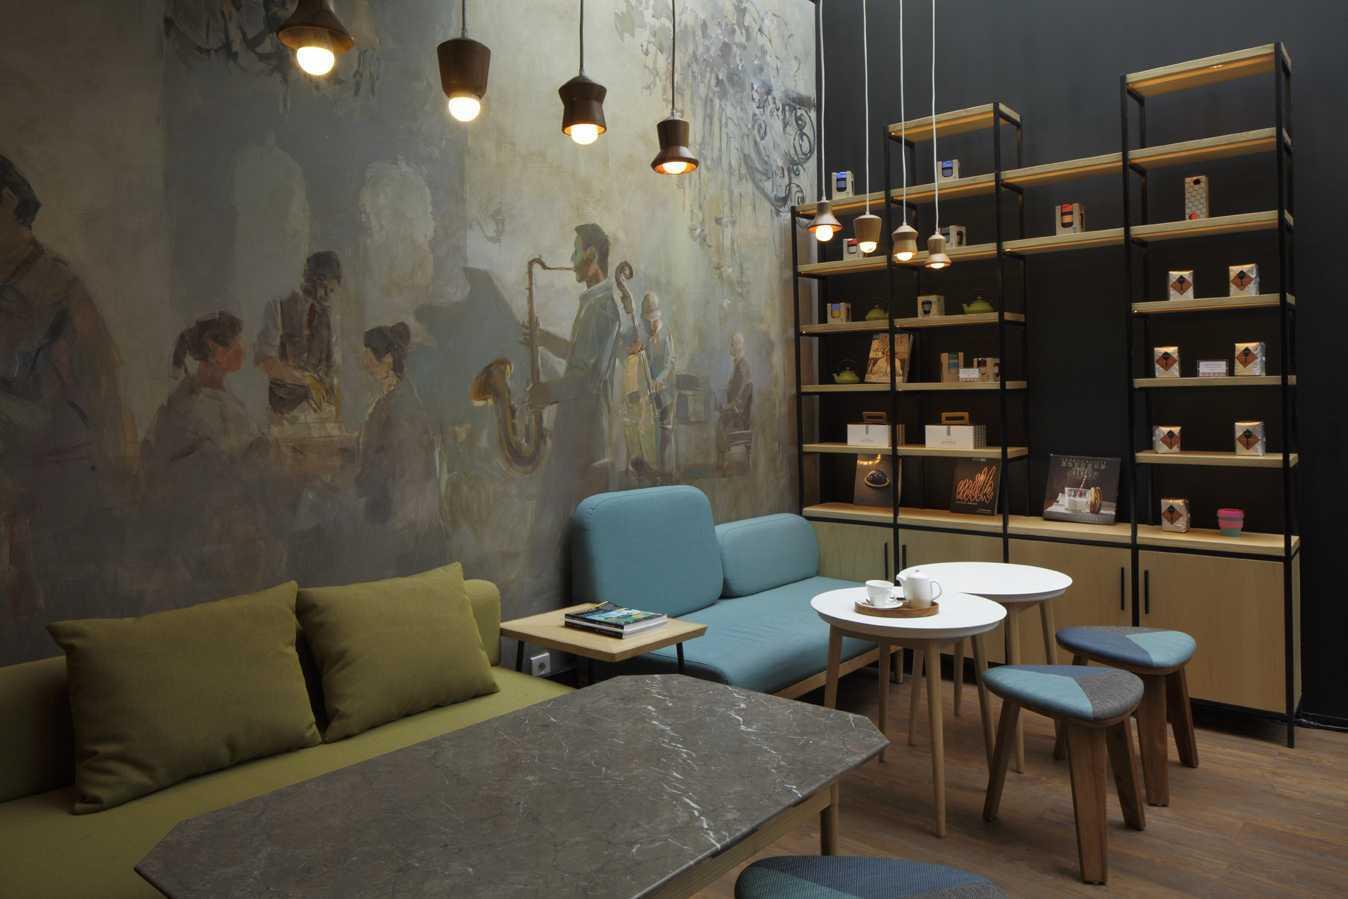 Foto inspirasi ide desain ruang makan industrial Seating area interior view oleh Alvin Tjitrowirjo, AlvinT Studio di Arsitag